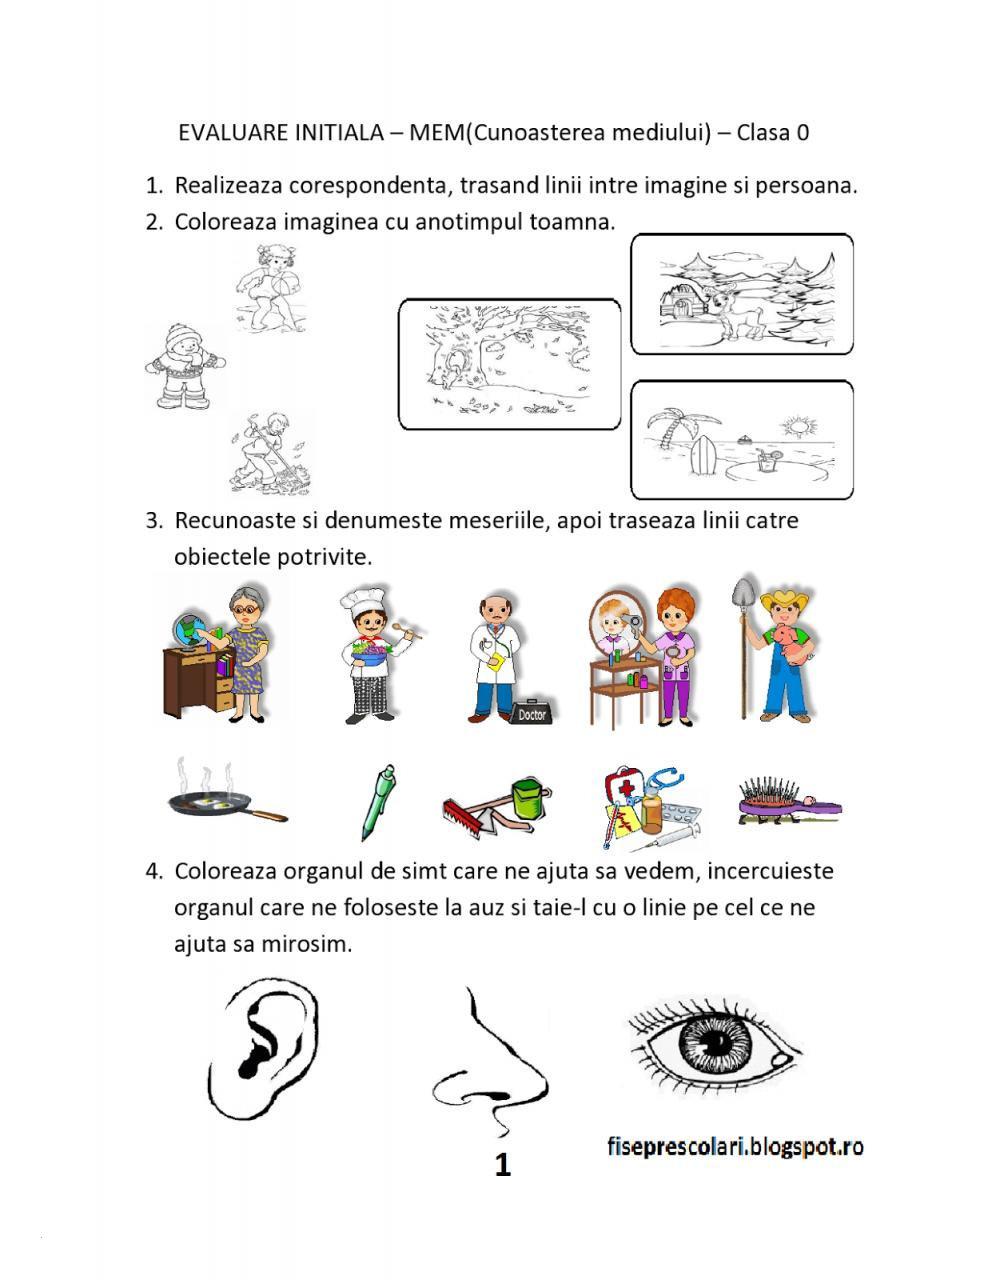 Minions Ausmalbilder Kostenlos Inspirierend Malvorlagen Igel Einzigartig Igel Grundschule 0d Archives Genial Bild